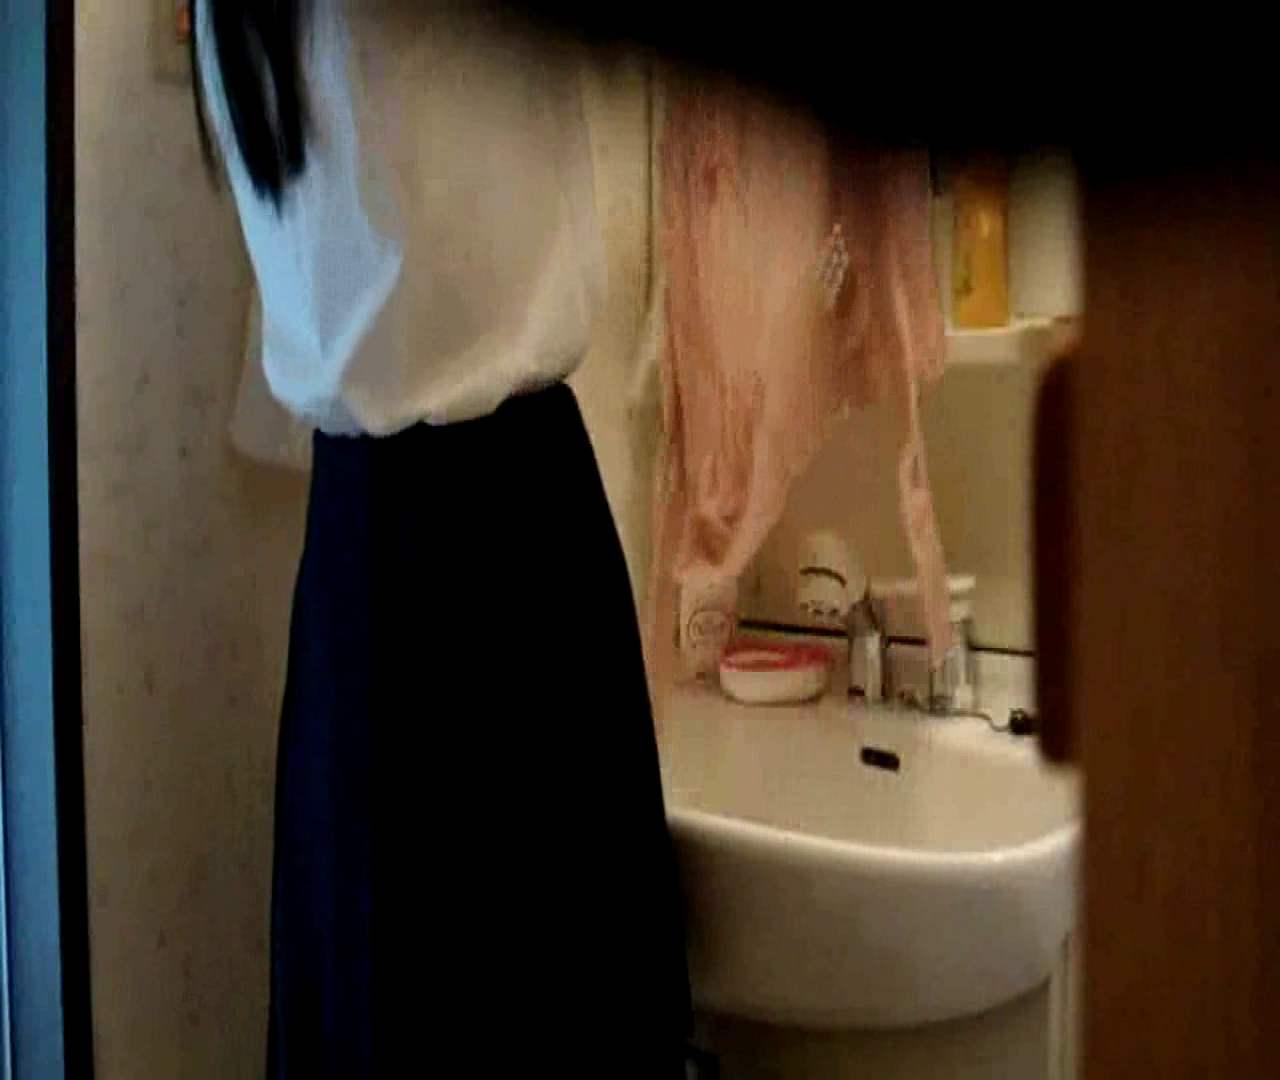 二人とも育てた甲斐がありました… vol.05 まどかが洗顔後にブラを洗濯 盗撮シリーズ  79PIX 14